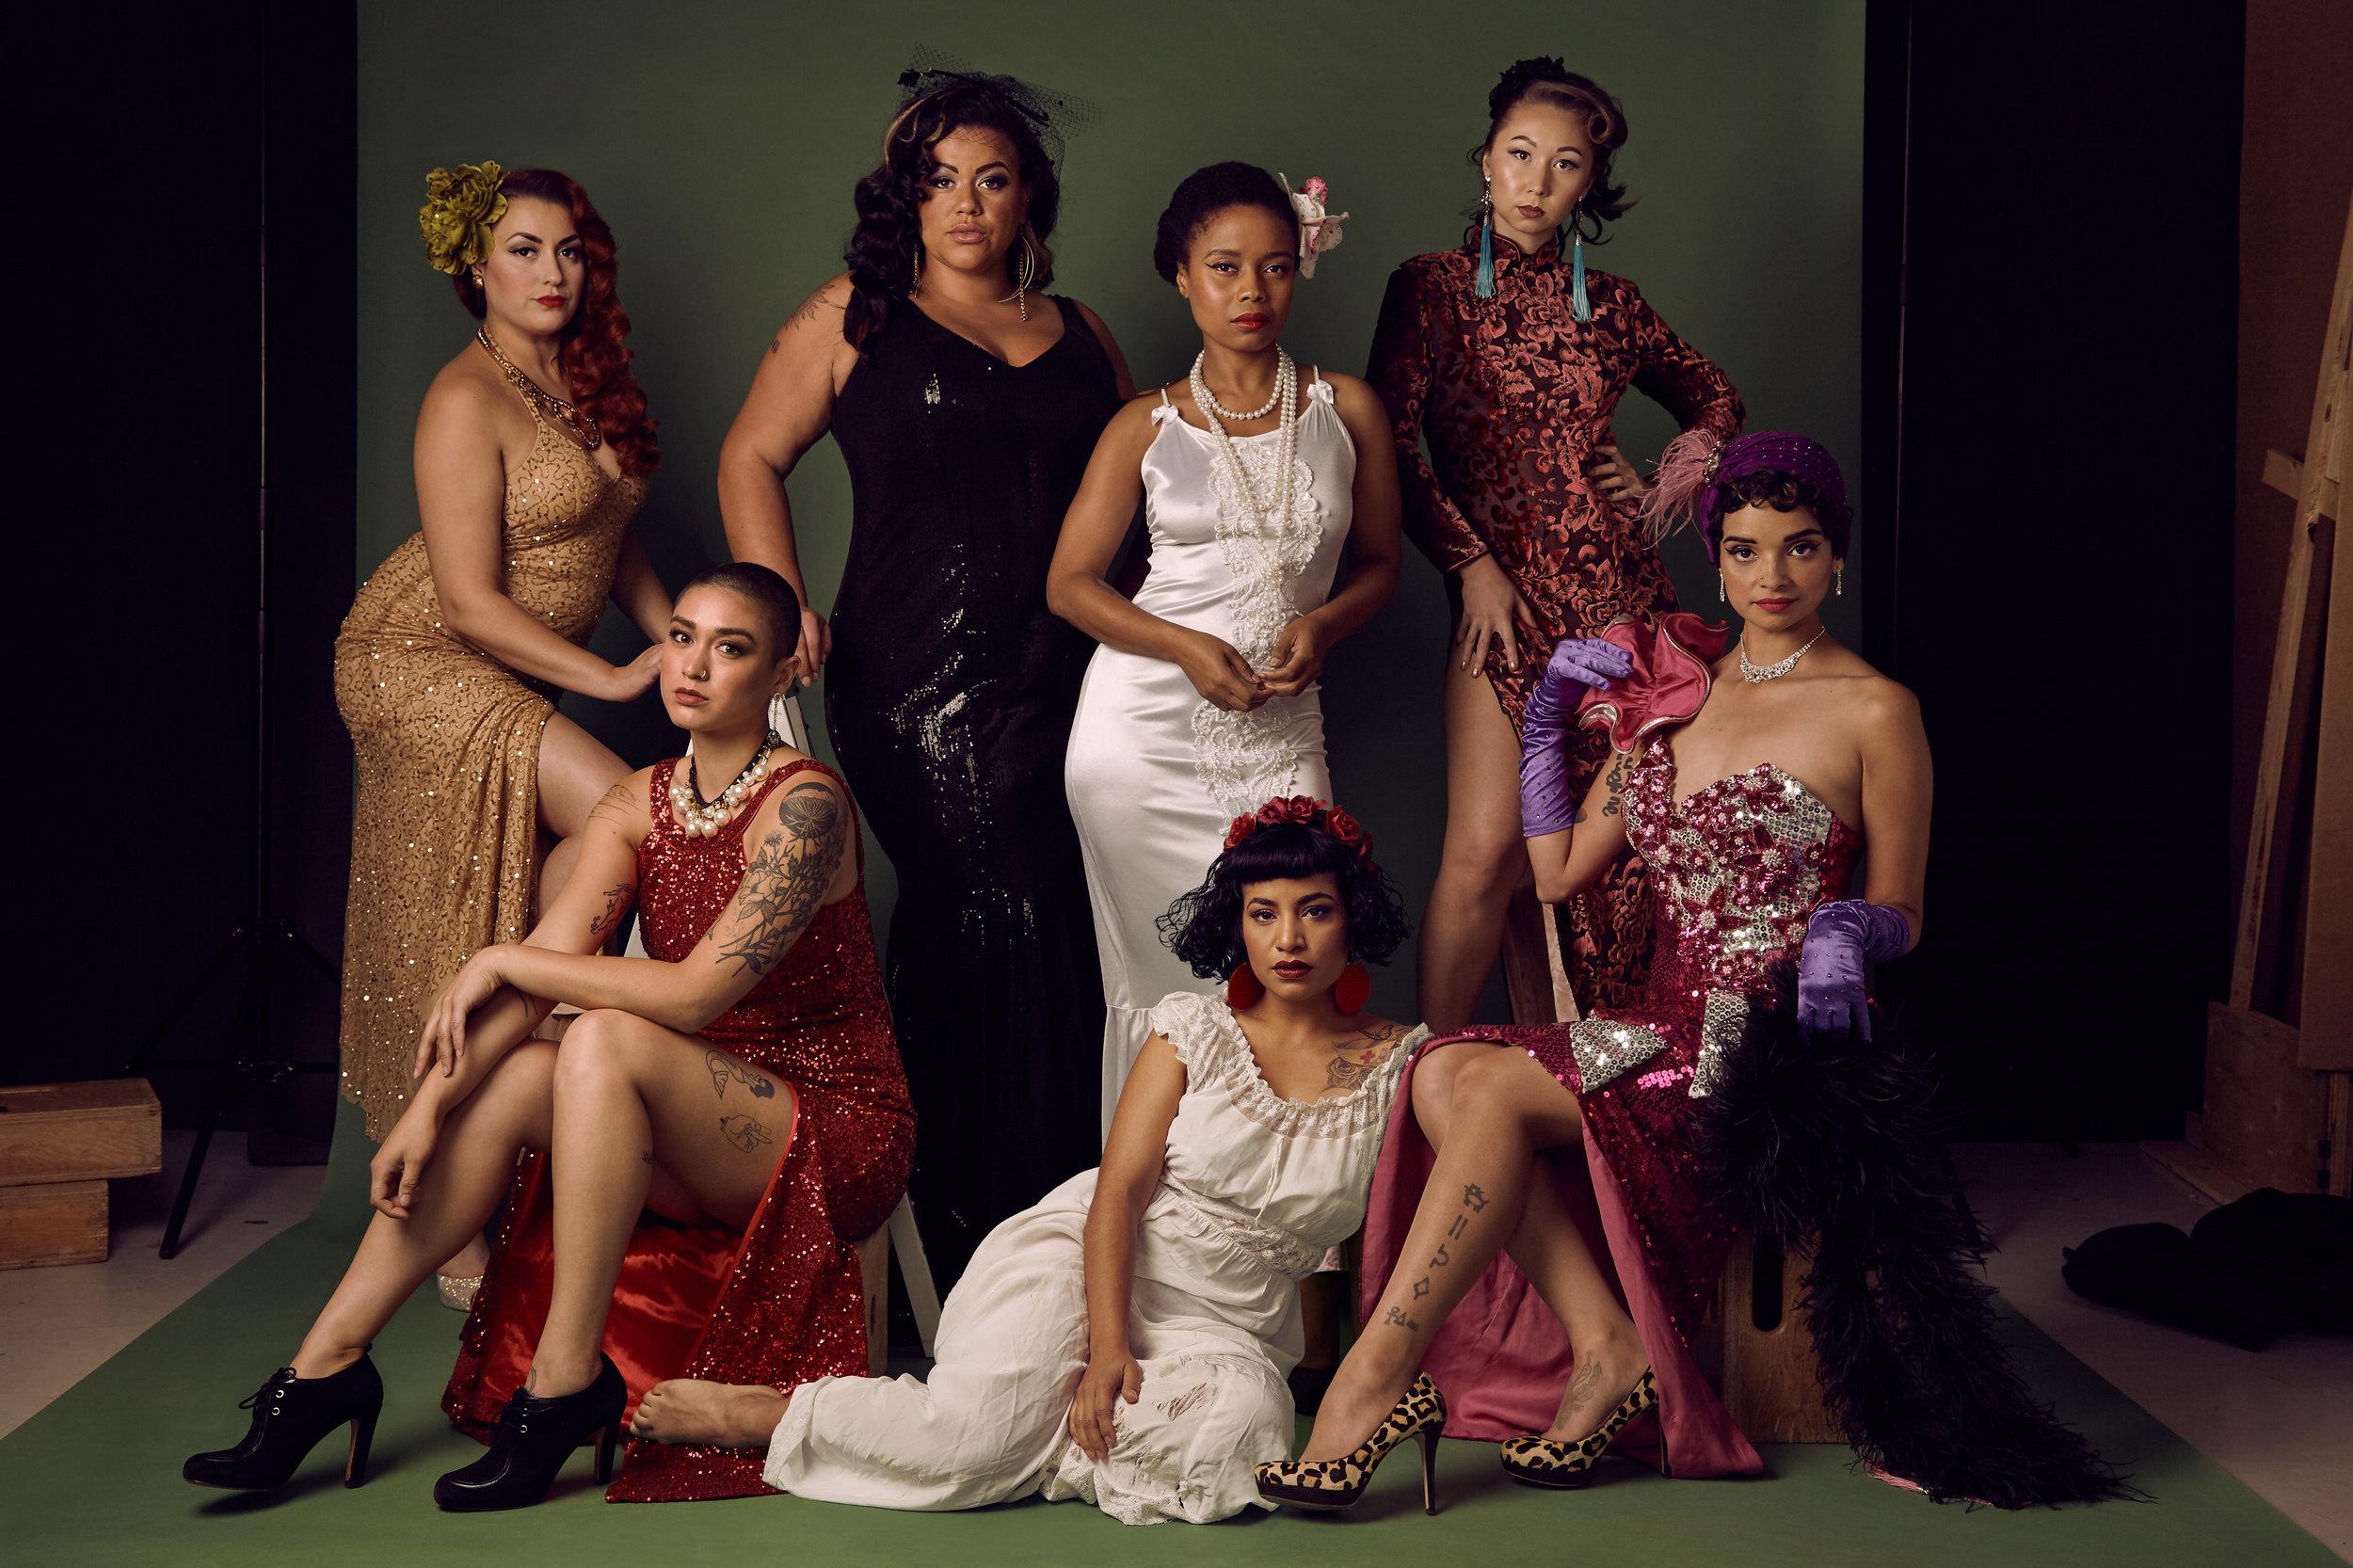 08 - Les Femmes Fatales Troupe - Les Femmes Fatales by Christie Vuong.jpg